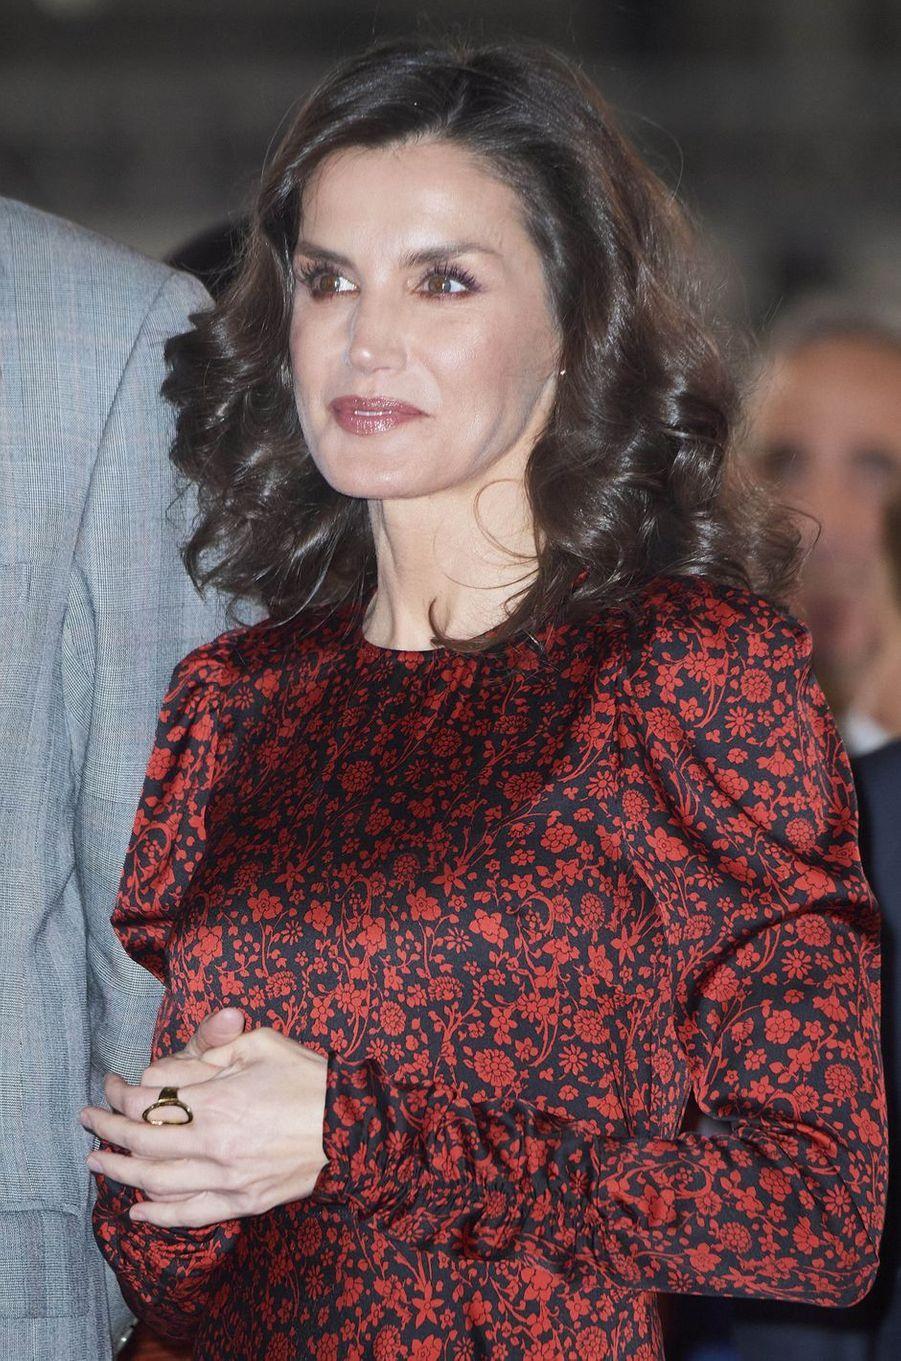 La reine Letizia d'Espagne, les cheveux bouclés, à Madrid le 27 février 2020